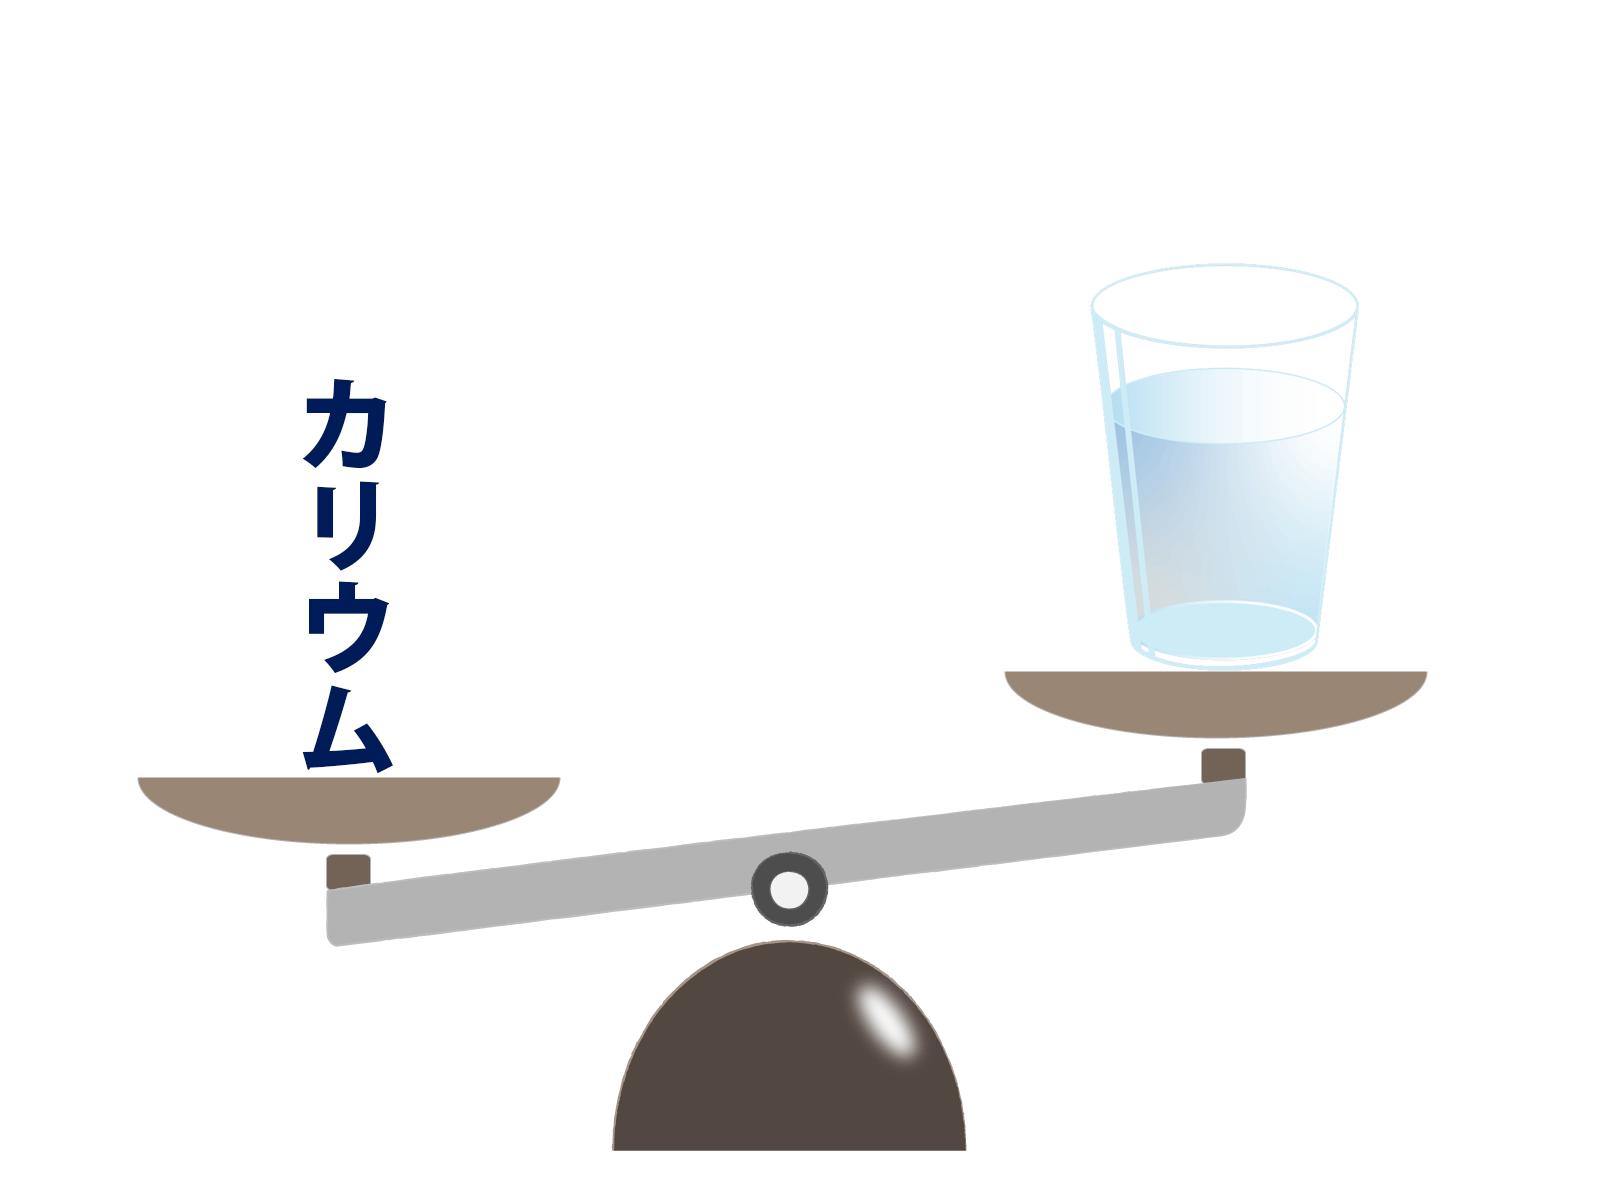 カリウムが多い水も甘い傾向がある